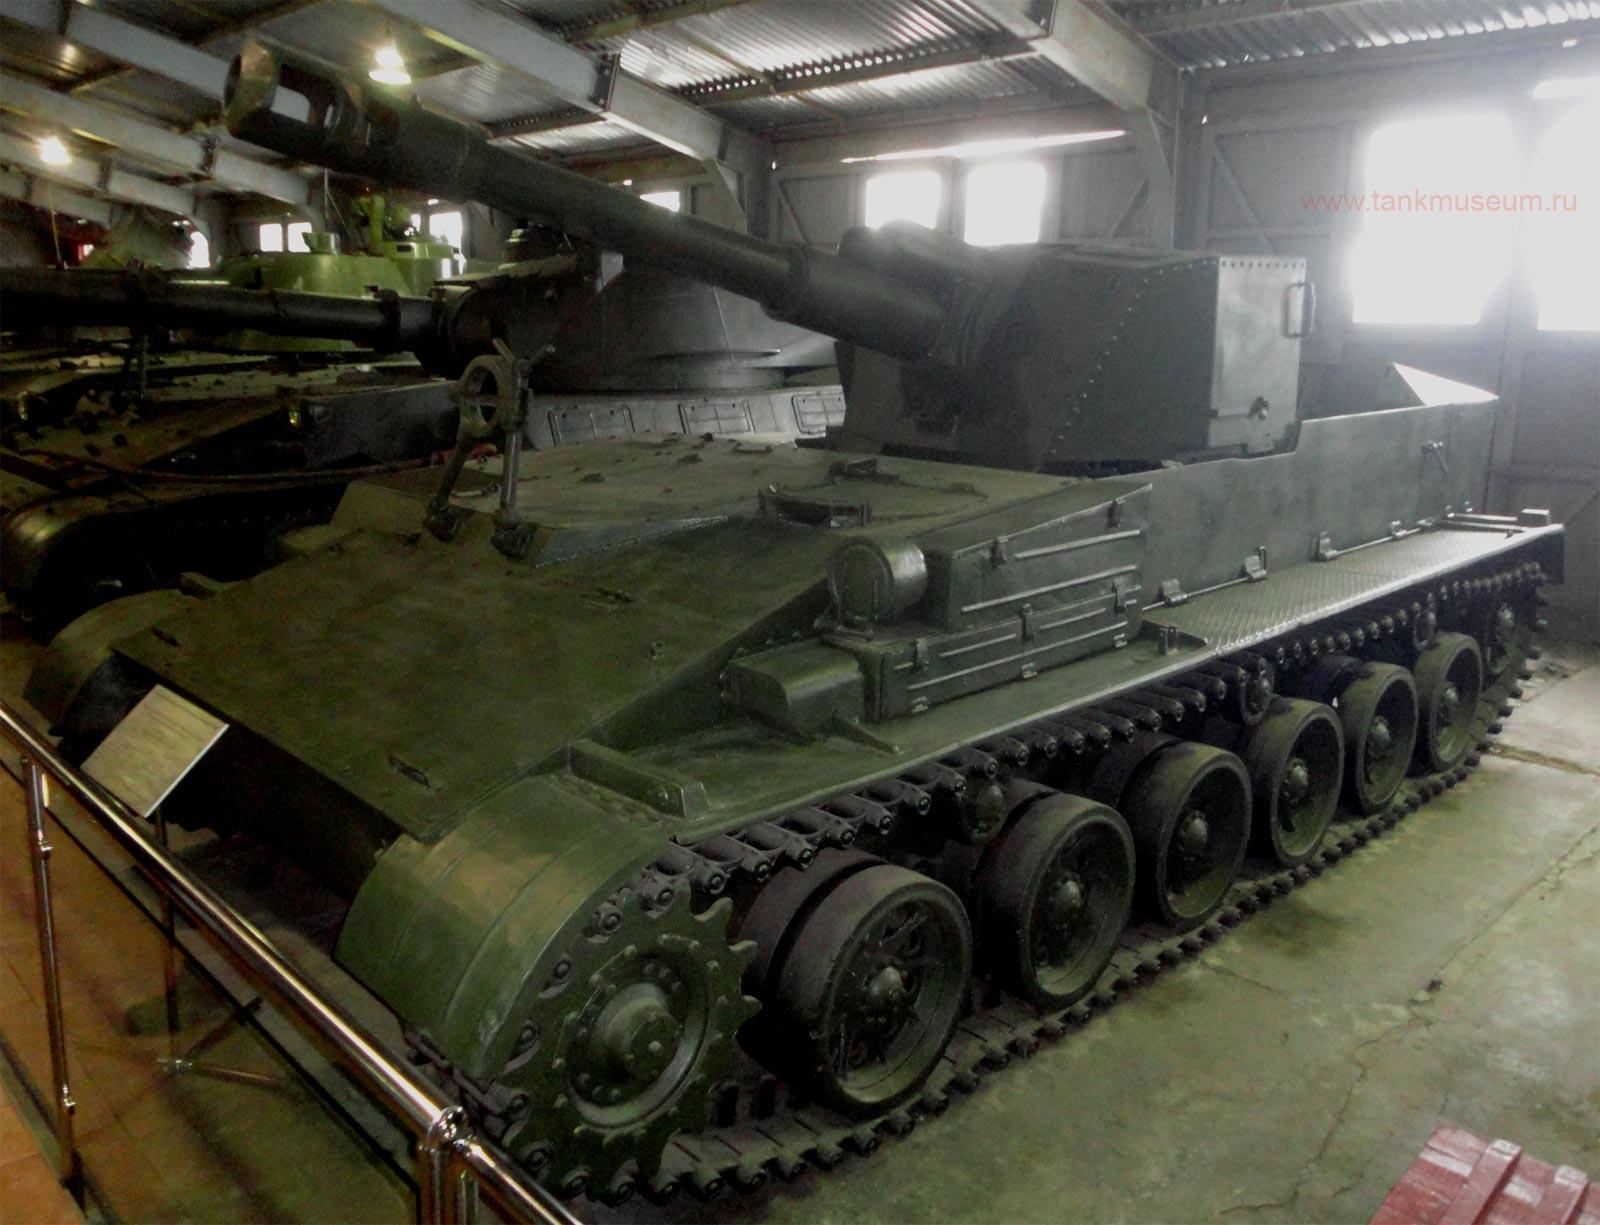 самоходная установка СУ-152Г танковый музей Кубинка